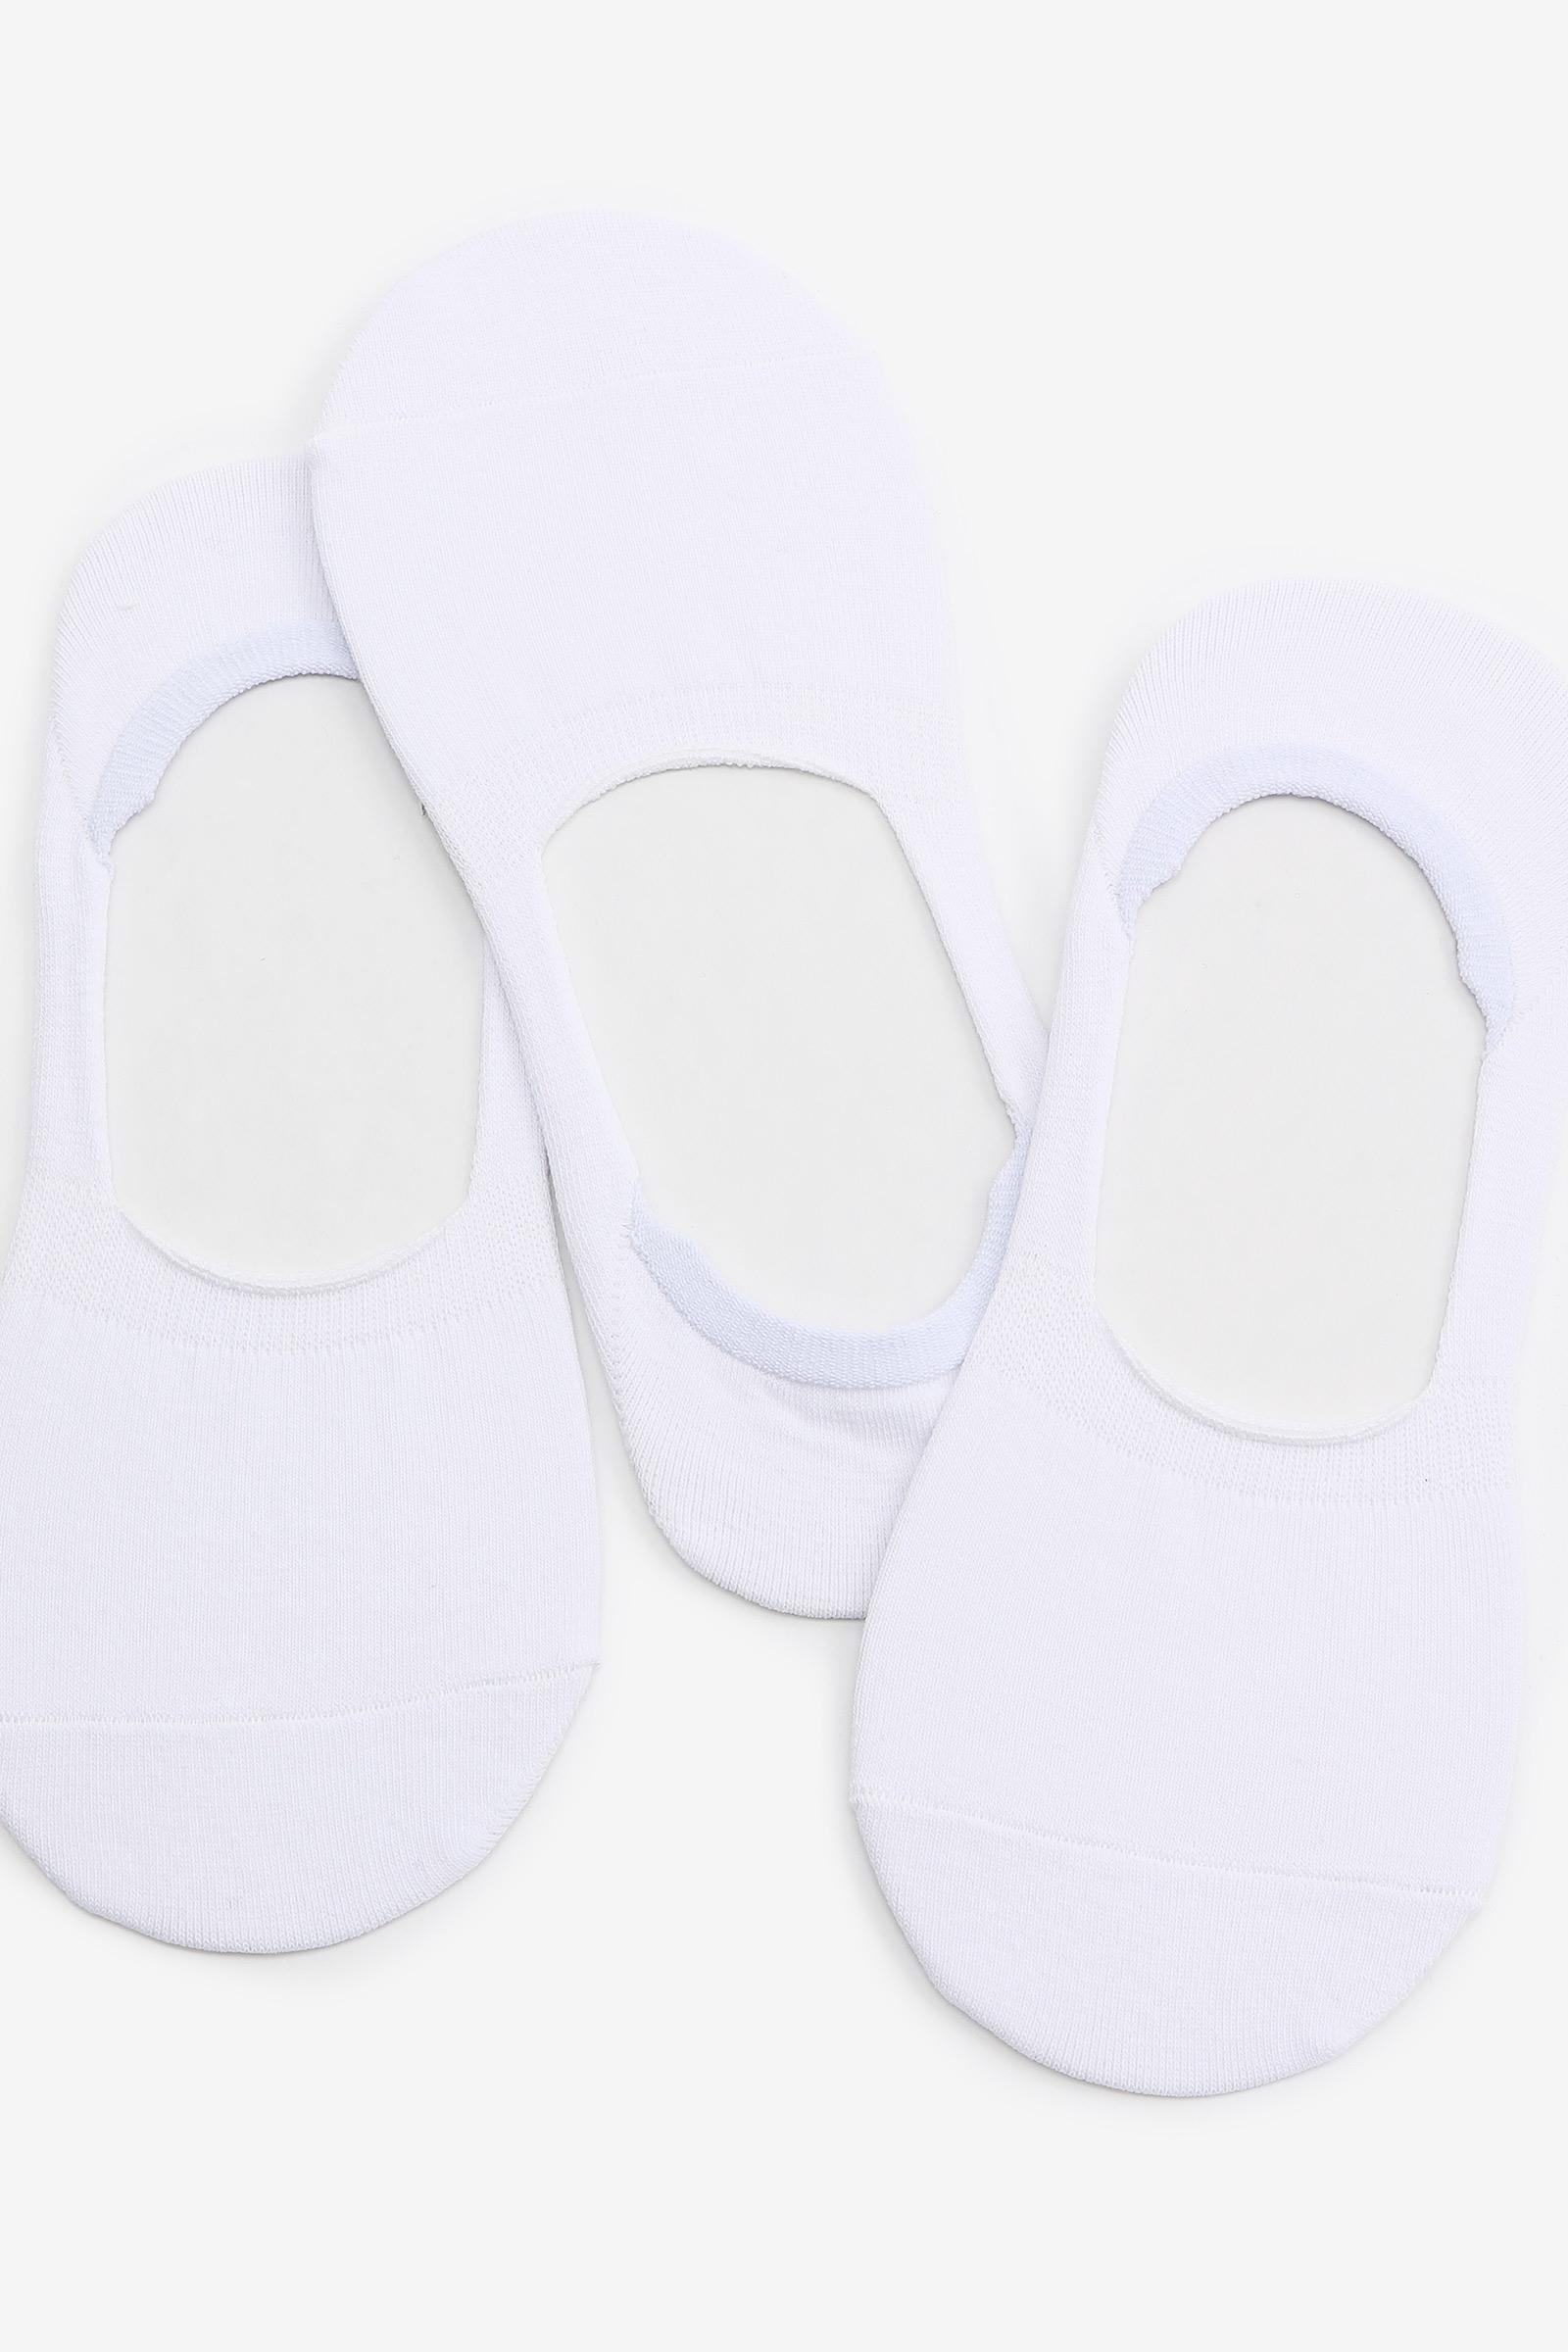 Cotton Shoe-Liners